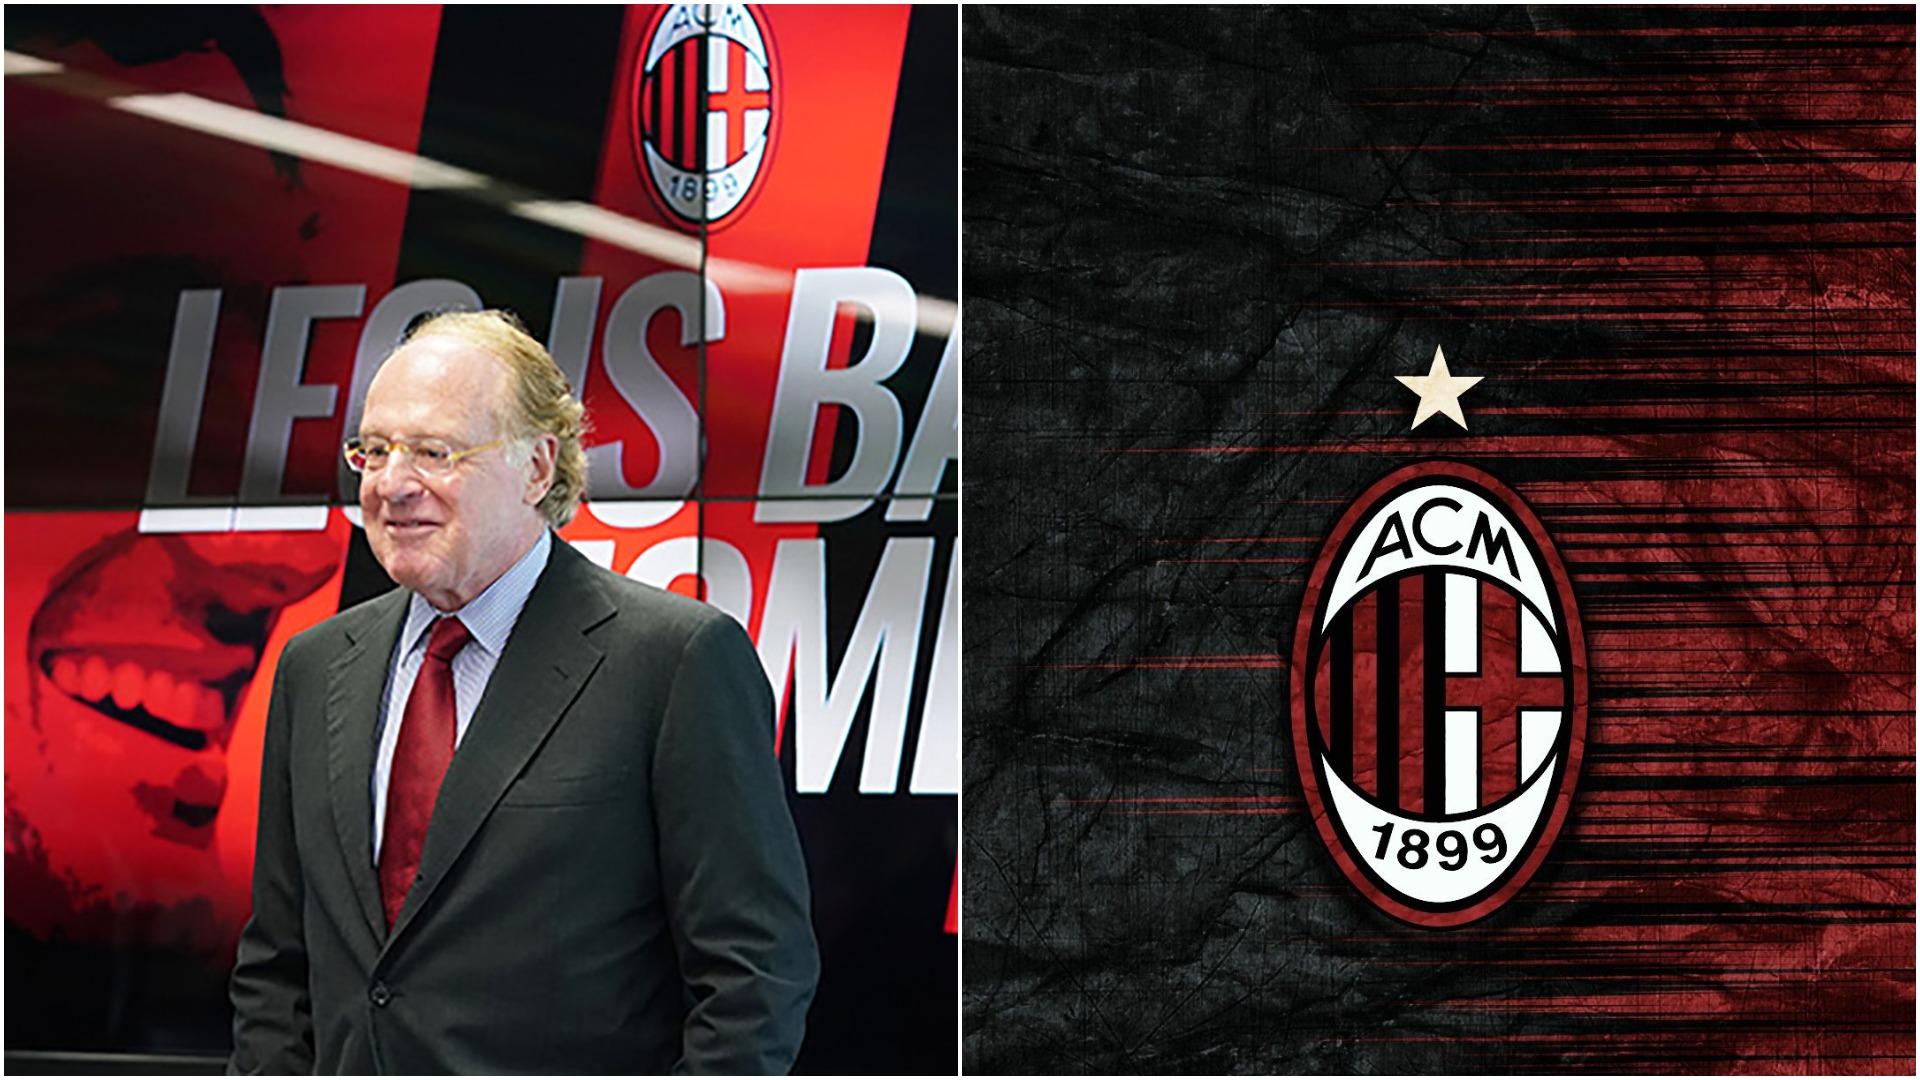 Scaroni: Synojmë një Milan që gjeneron fitime, bilancet tona po përmirësohen